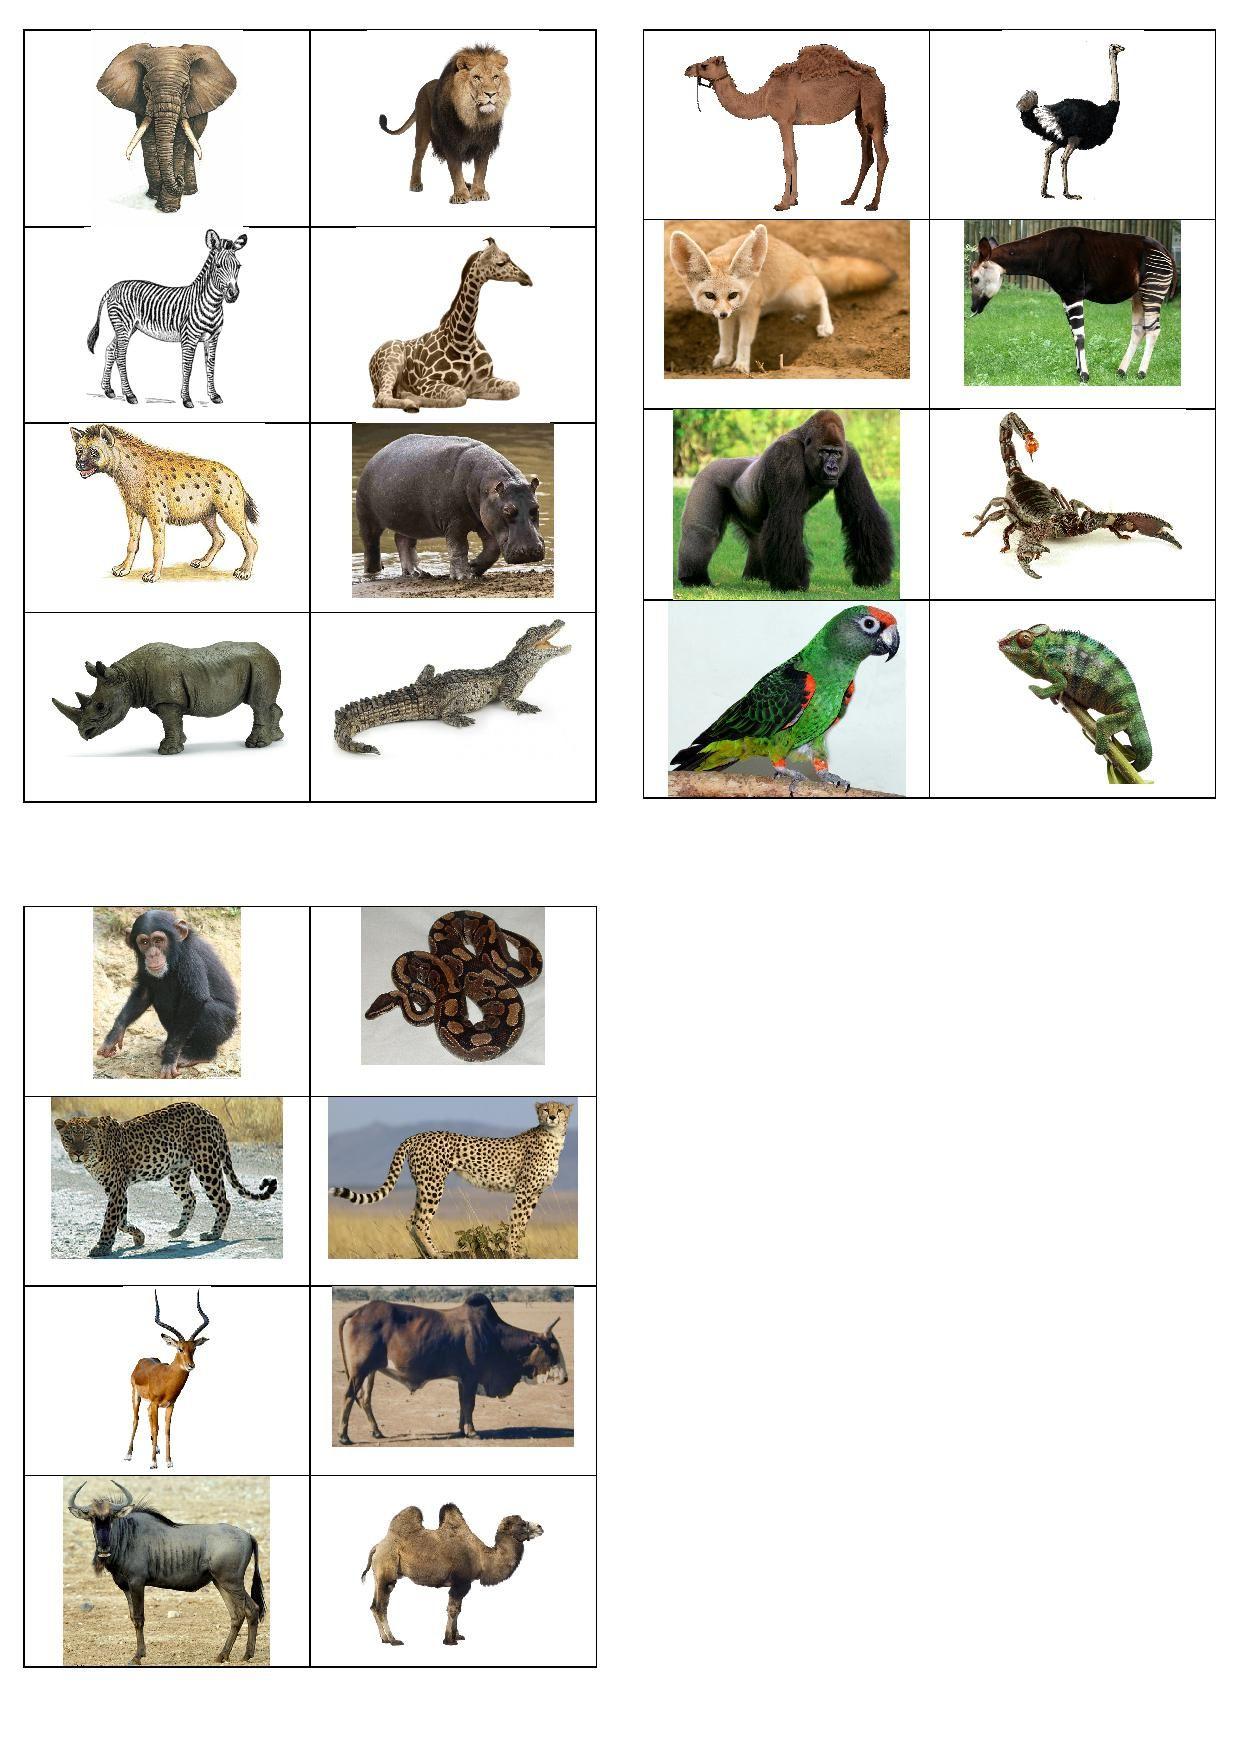 Imagiers | Imagier Animaux, Animaux Afrique, Animaux Du Zoo pour Animaux Sauvages De L Afrique